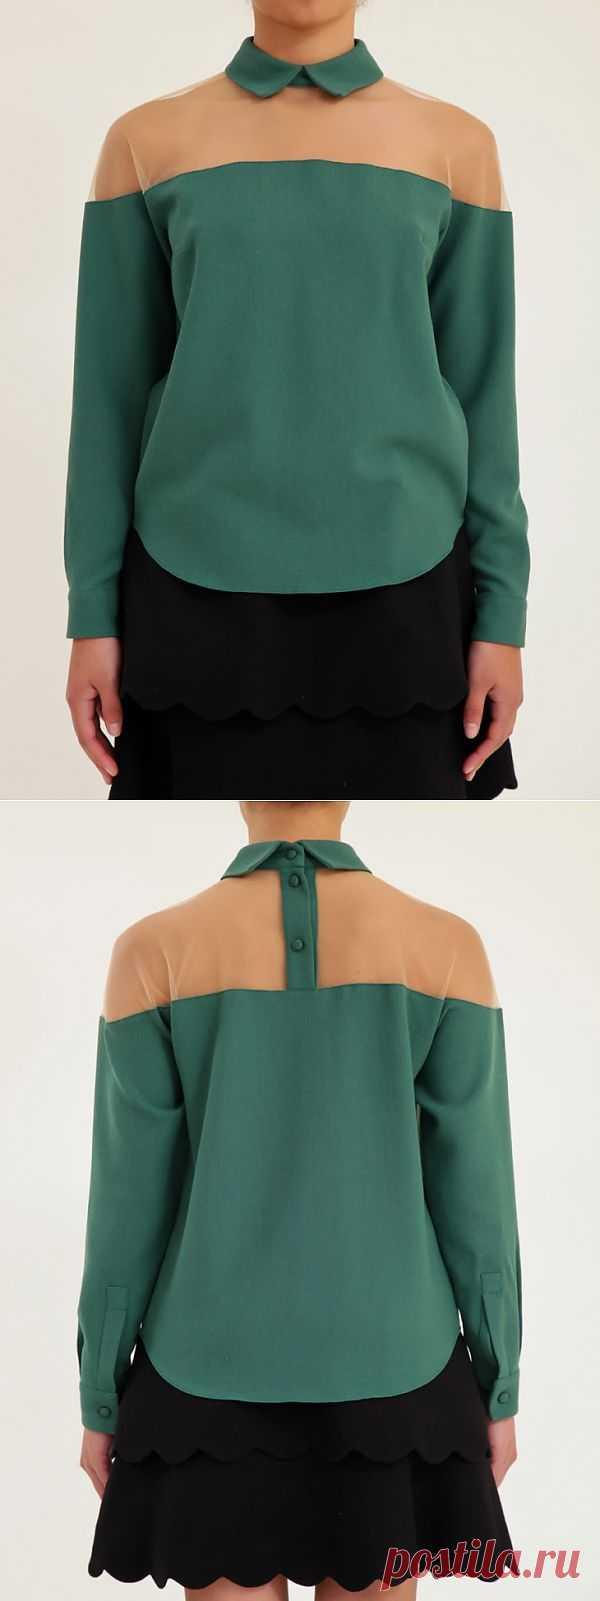 Прозрачная кокетка / Блузки / Модный сайт о стильной переделке одежды и интерьера